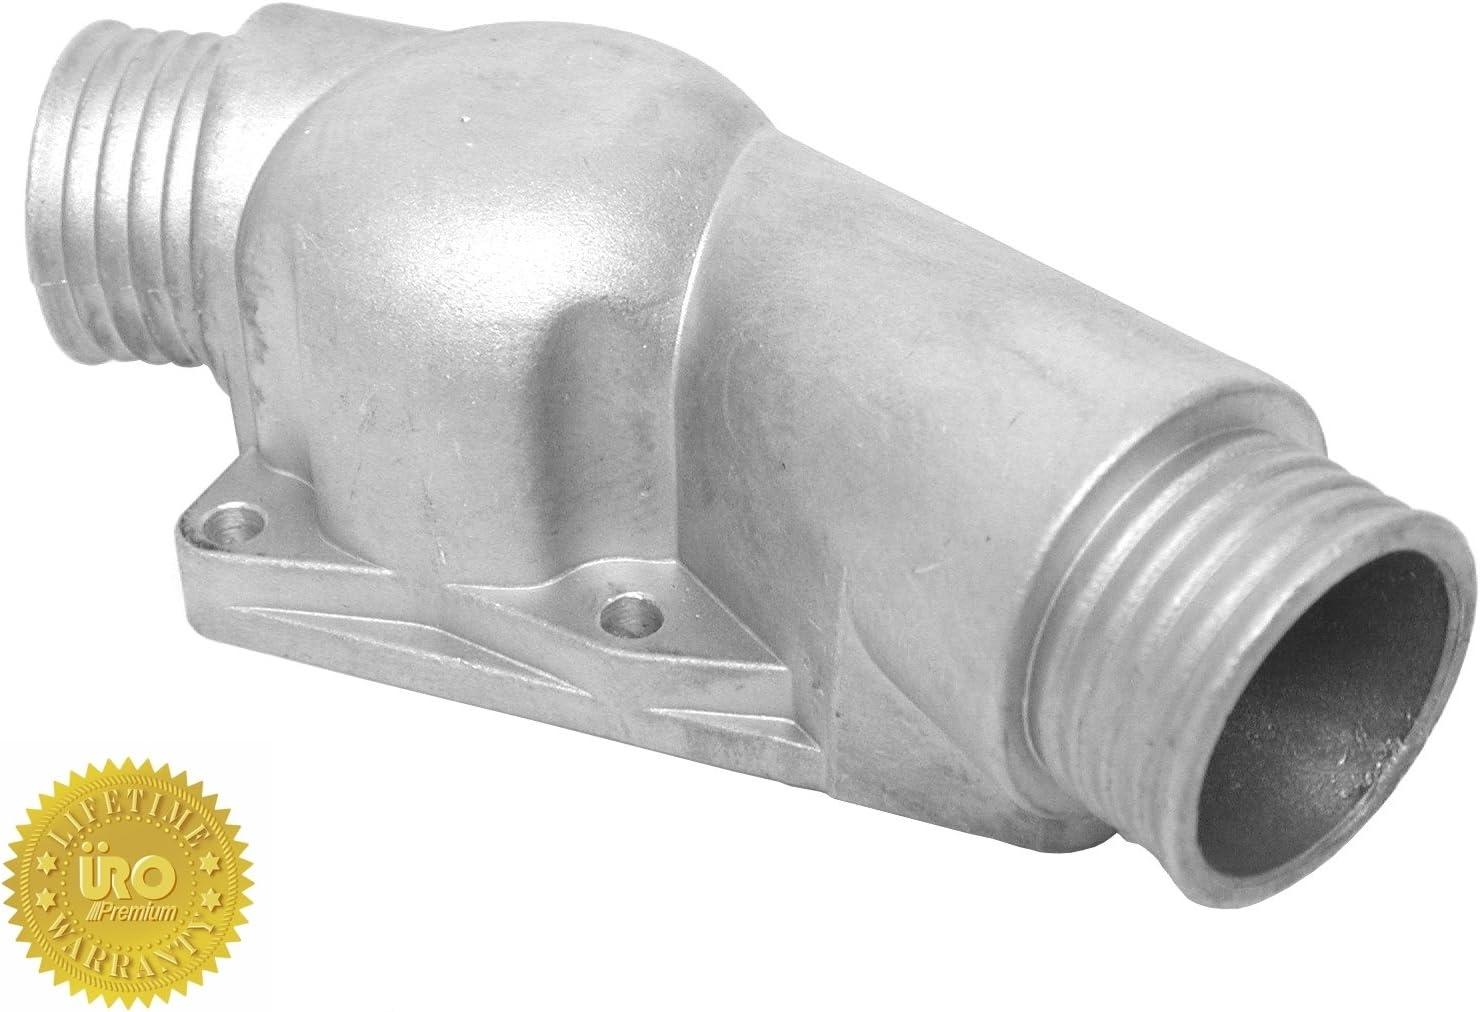 URO Parts 11 53 1 722 531-PRM Aluminum Thermostat Cover